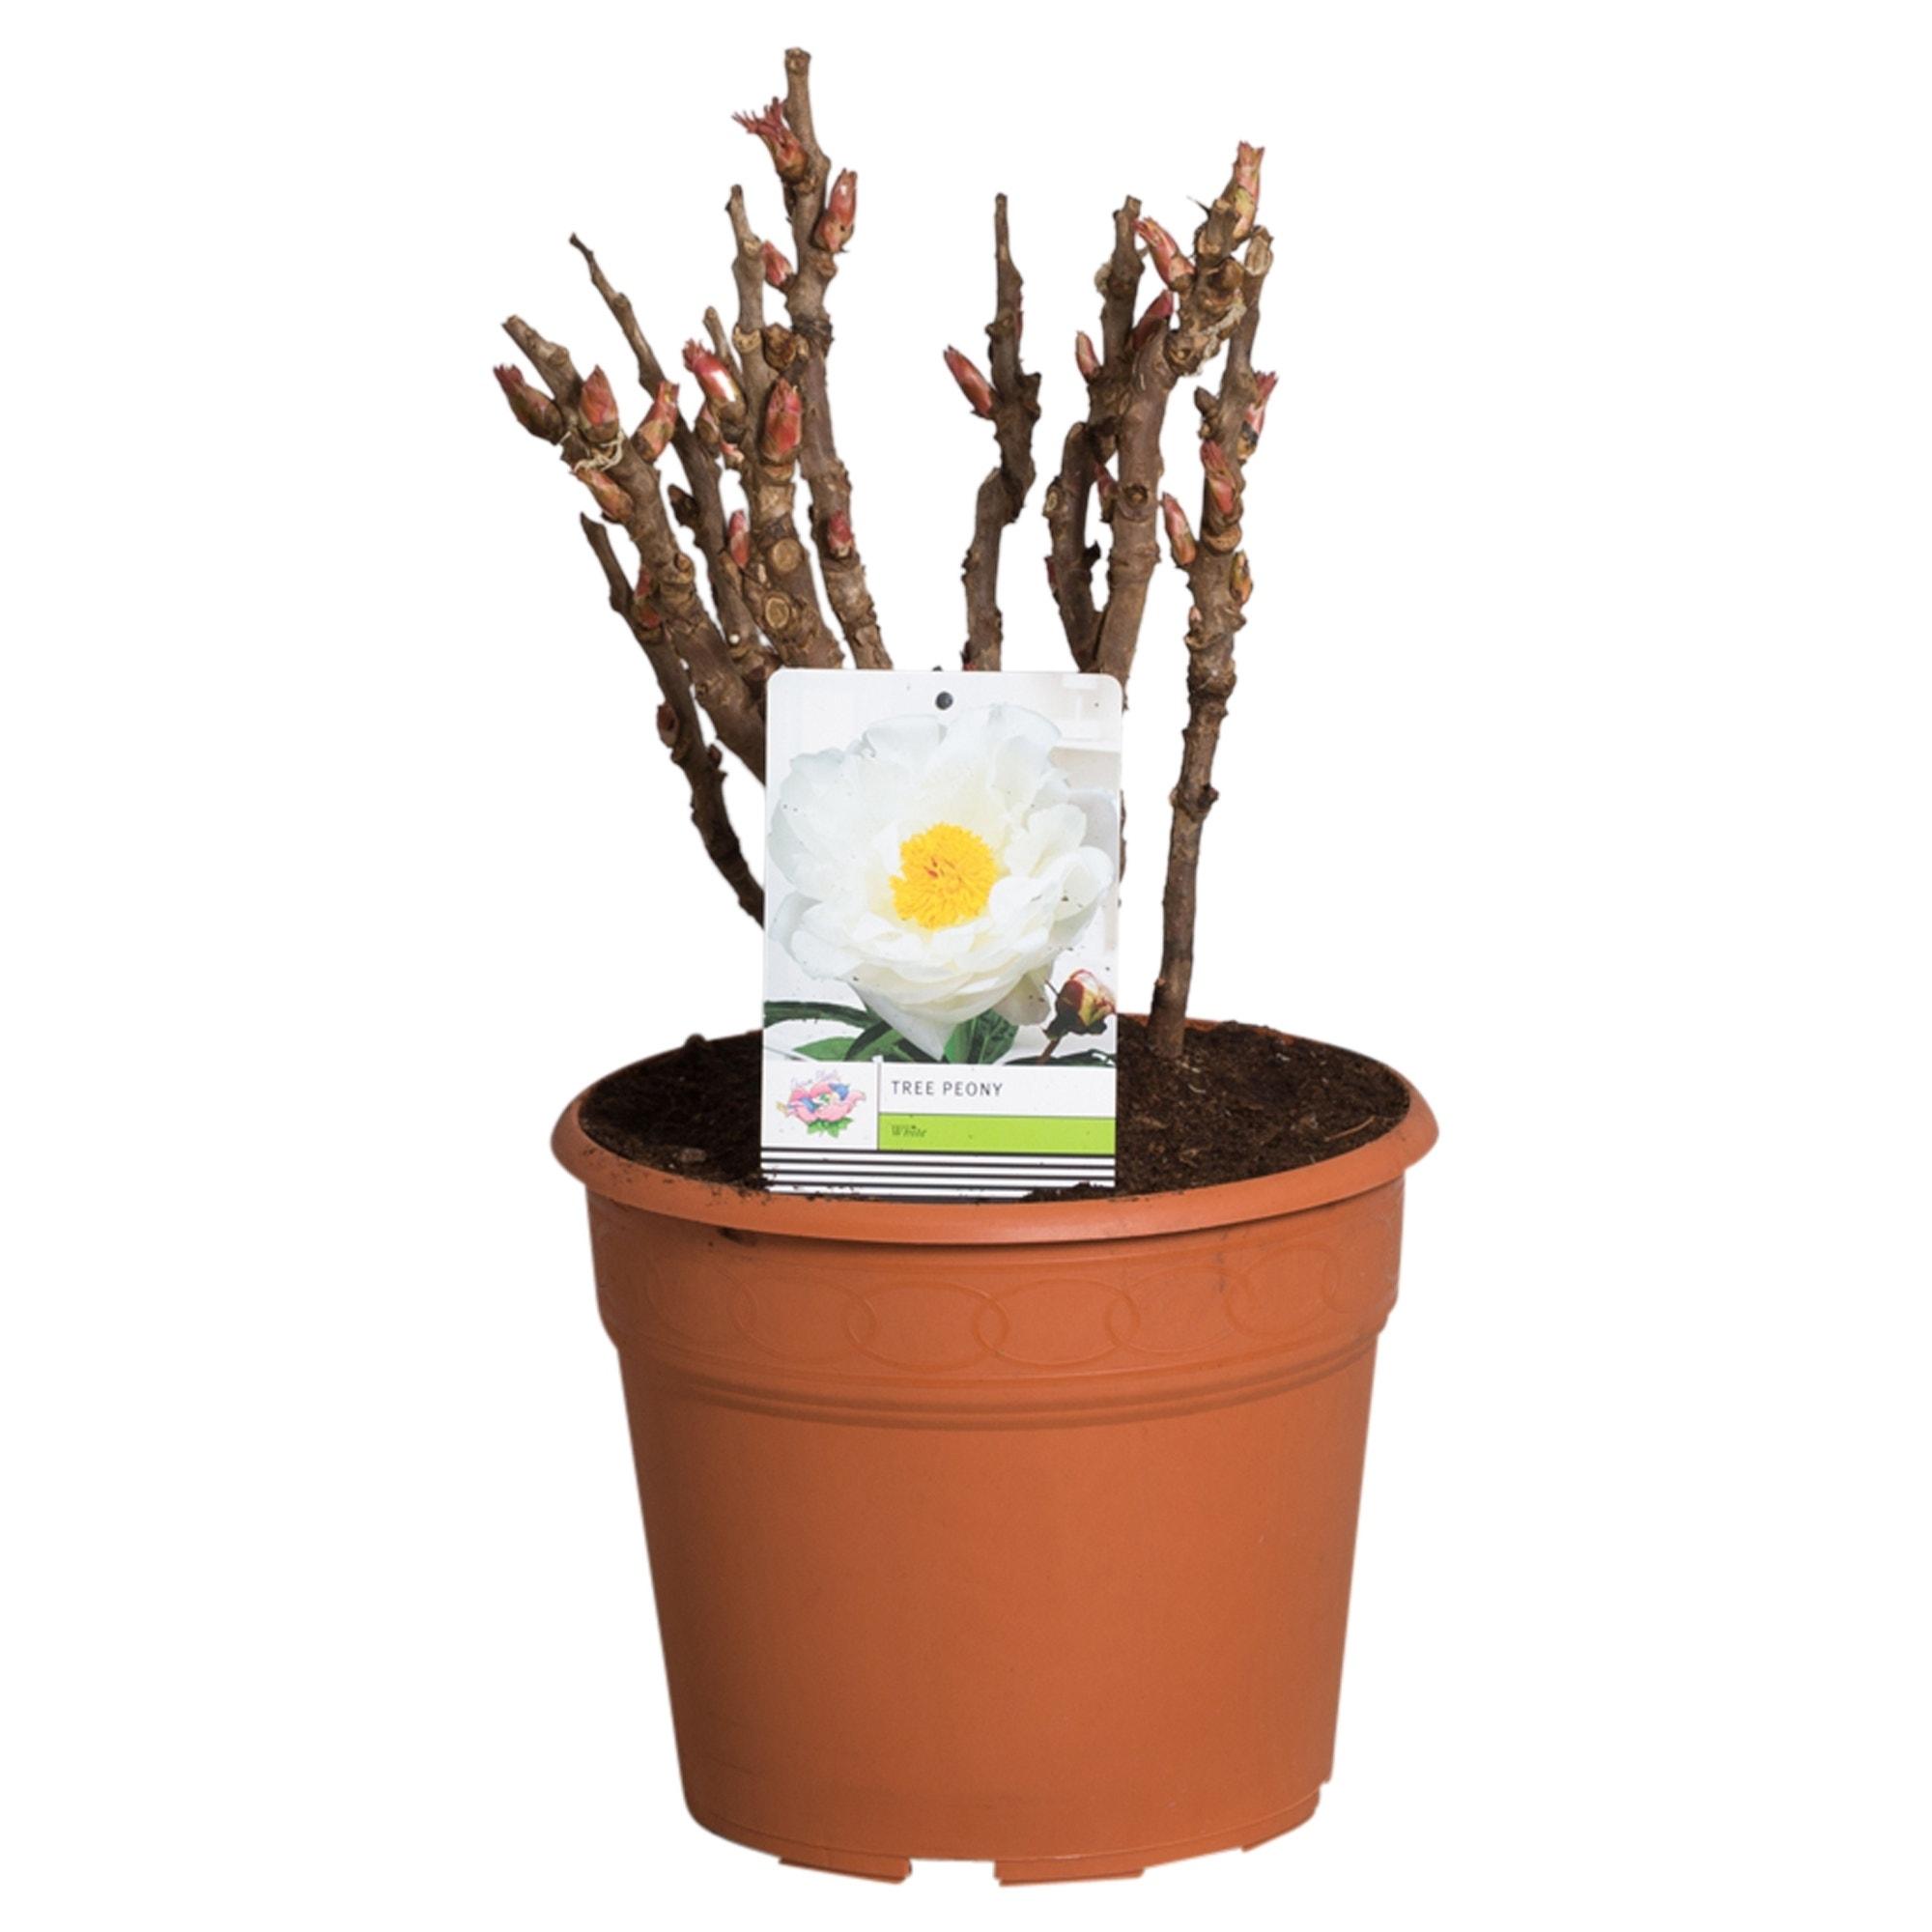 Witte Boompioen (Paeonia suffruticosa)-Plant in pot-p11. Kleur: wit